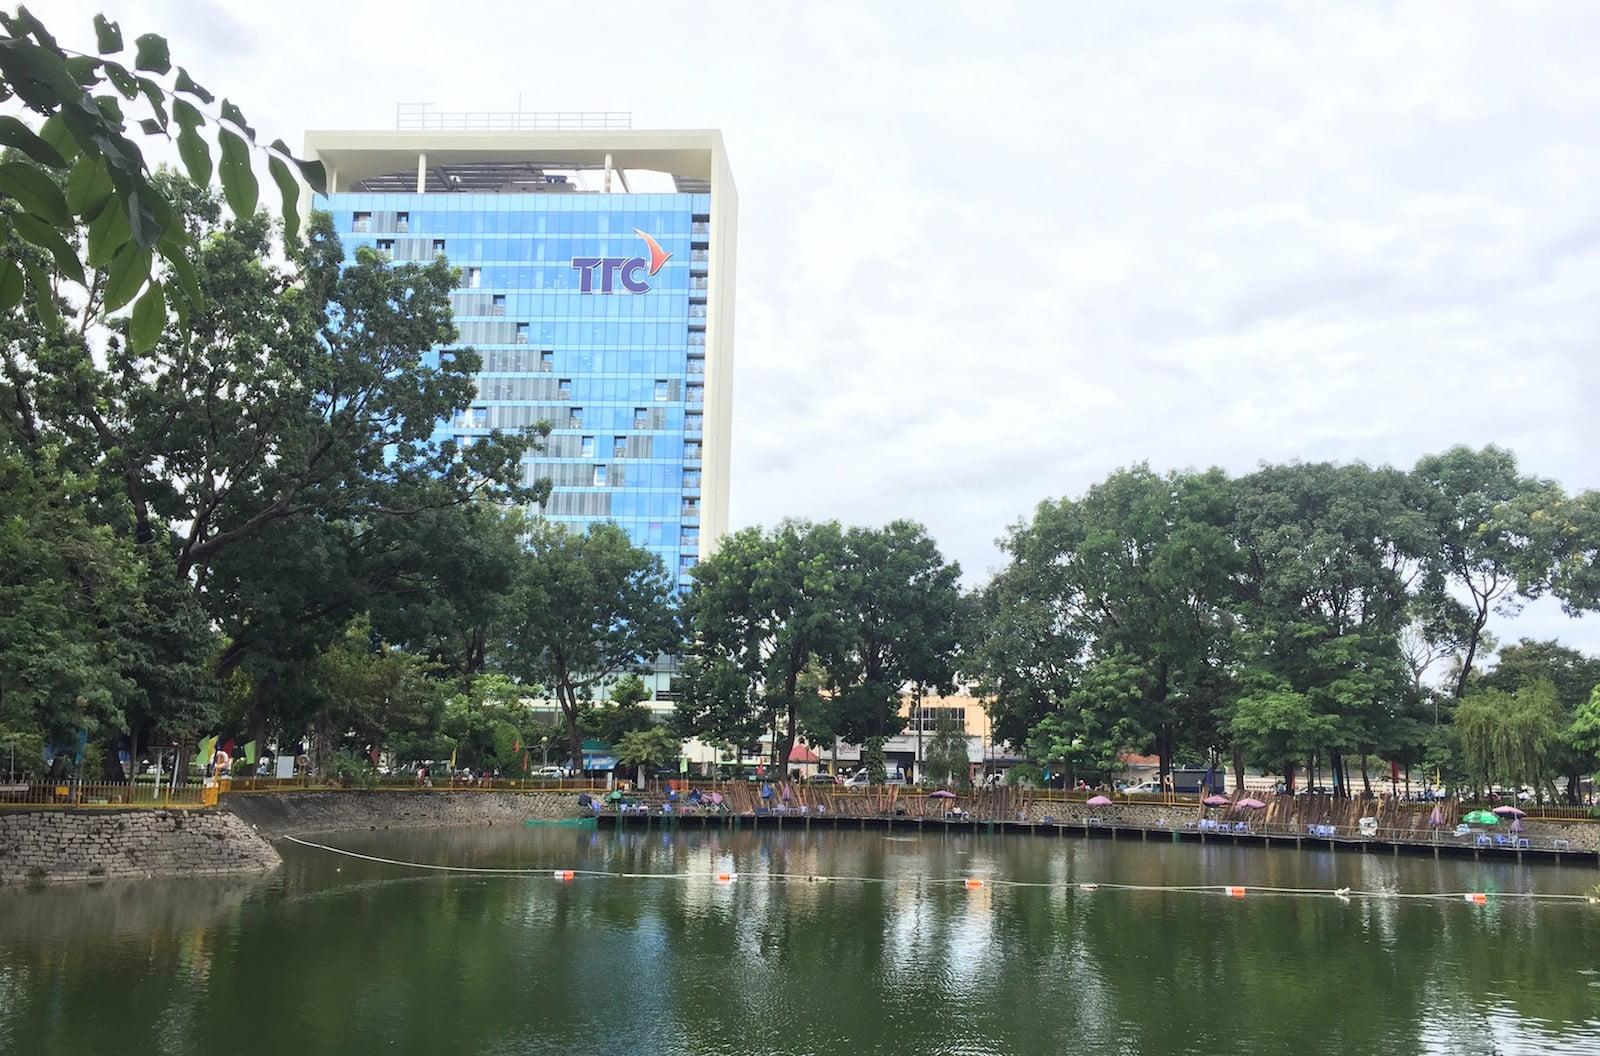 Khám phá công viên Hoàng Văn Thụ – Đường chạy mát mẻ, nhiều cây xanh